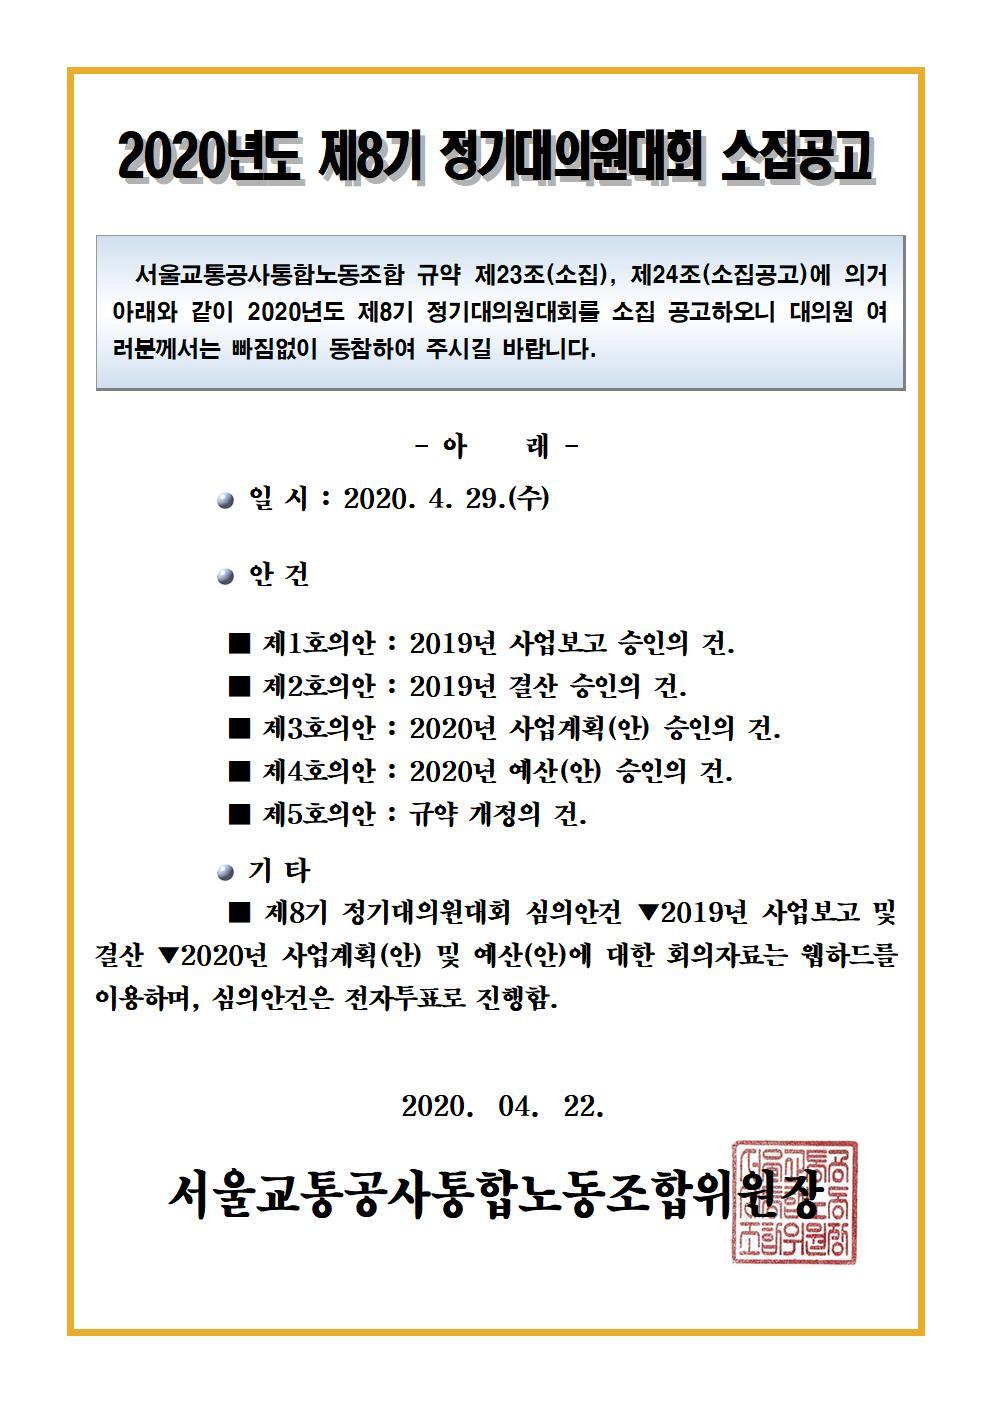 [공고] 제8기 정기대의원대회 소집공고001.jpg